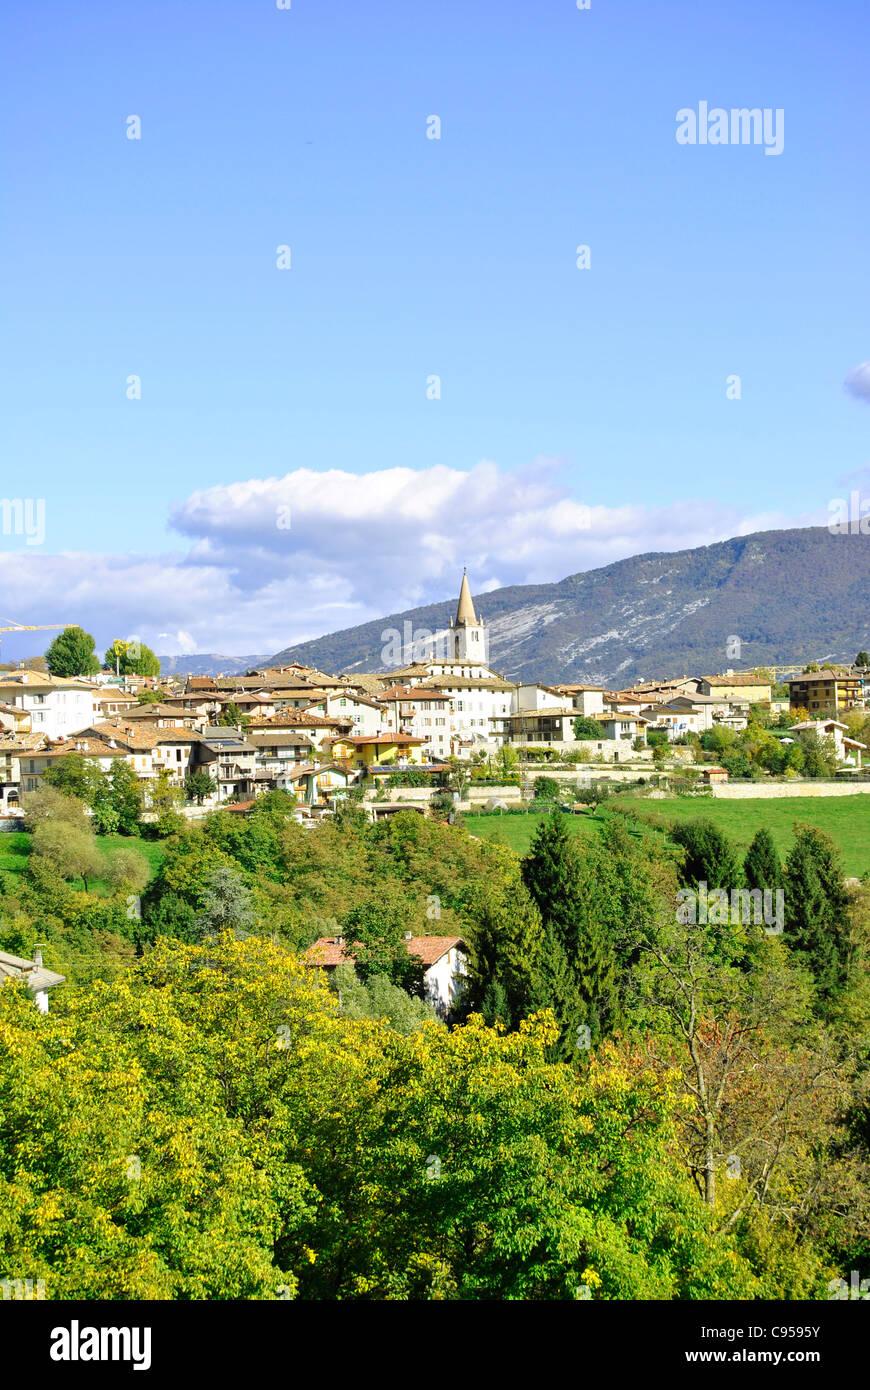 große Auswahl an Farben für die ganze Familie Fabrik authentisch Paese di montagna del Trentino Alto Adige. Italia Foto ...